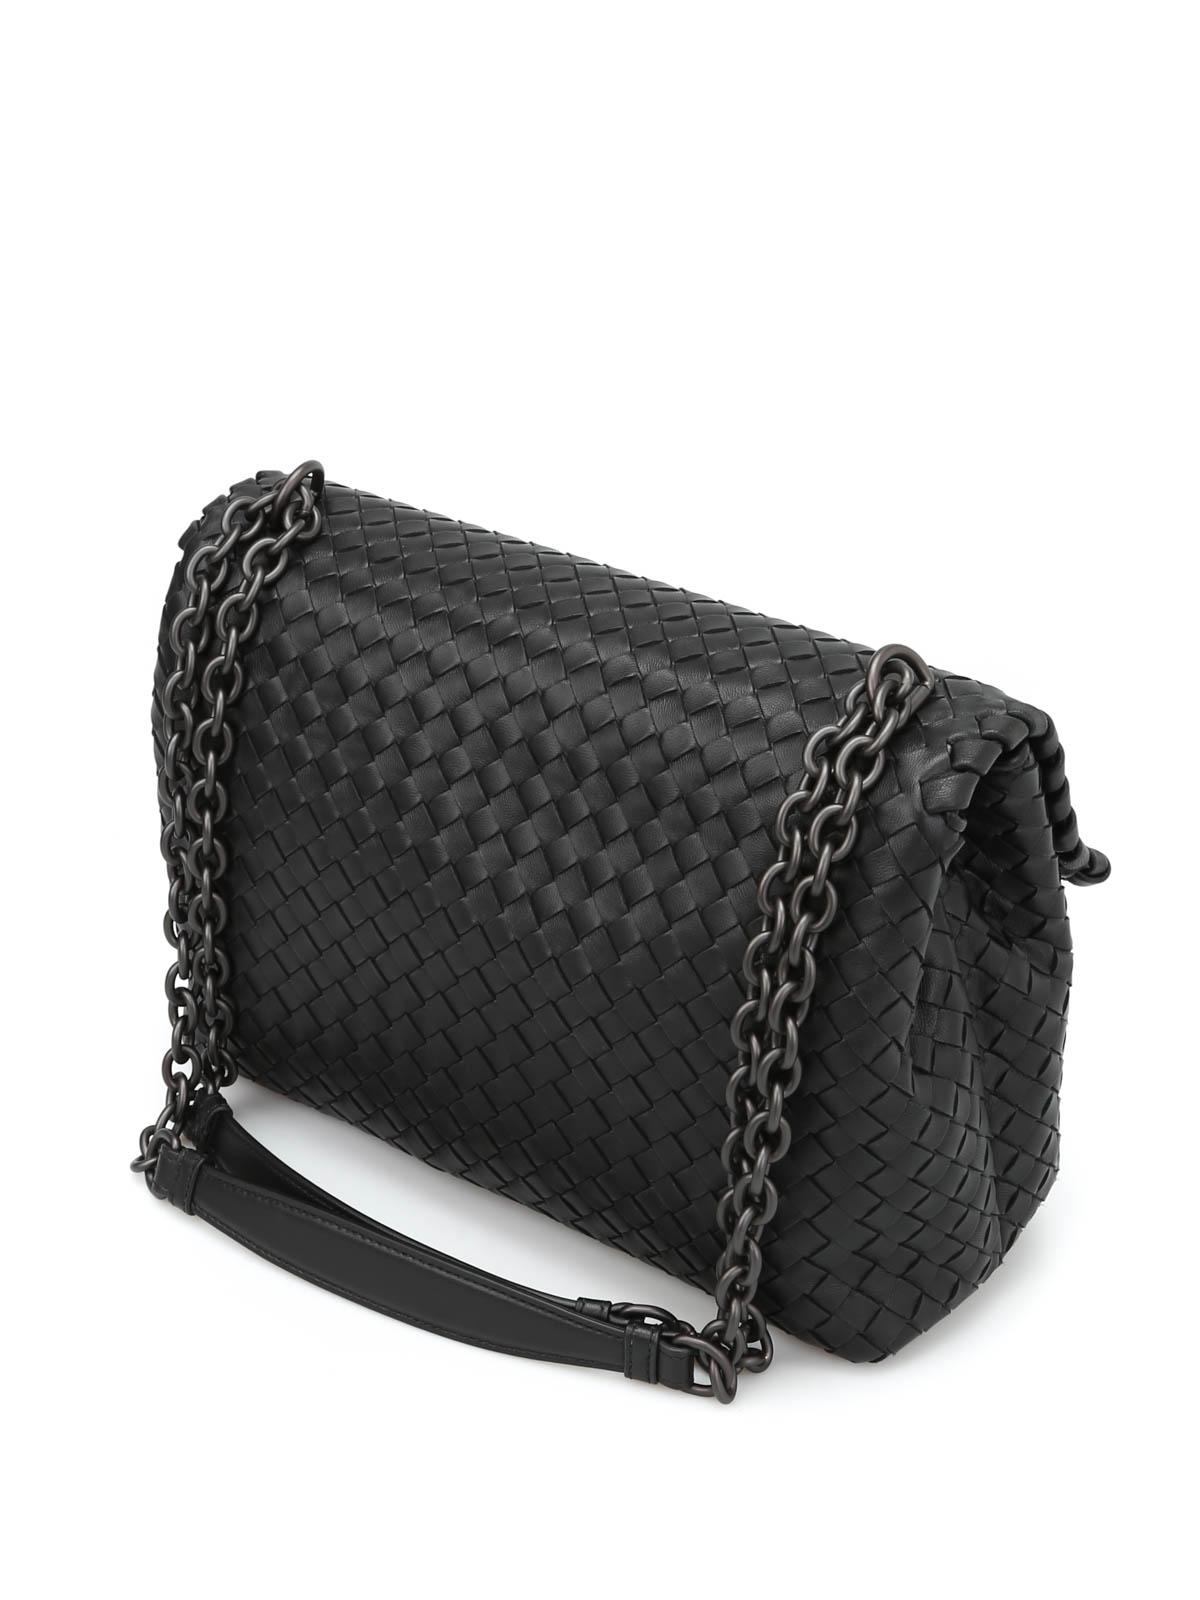 dbb6c583de5d iKRIX BOTTEGA VENETA  shoulder bags - Medium Olympia cross body bag